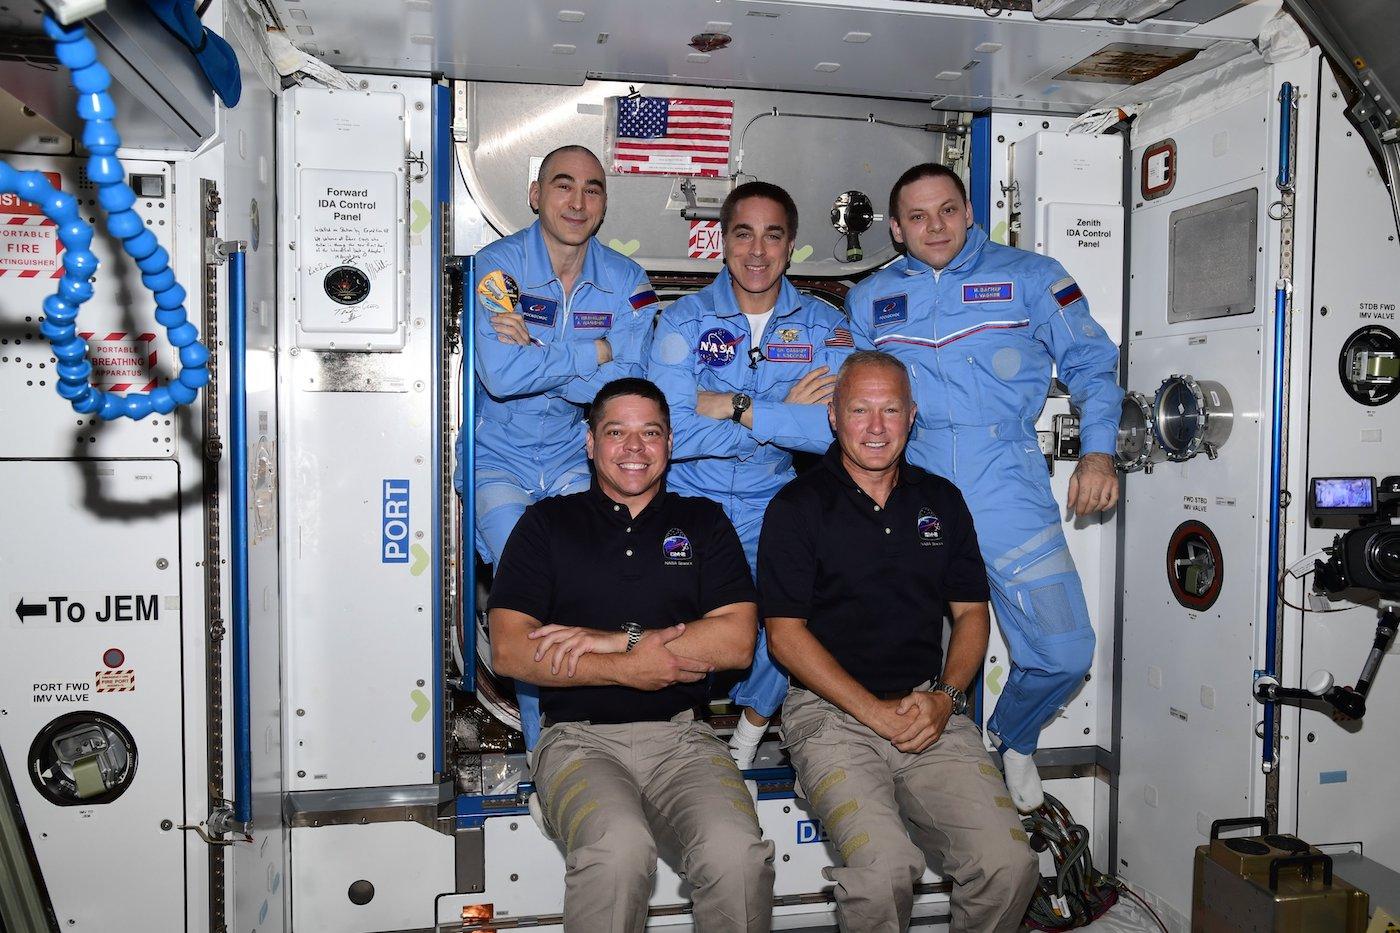 Tripulação da Crew Dragon Endeavour chega à Estação Espacial Internacional